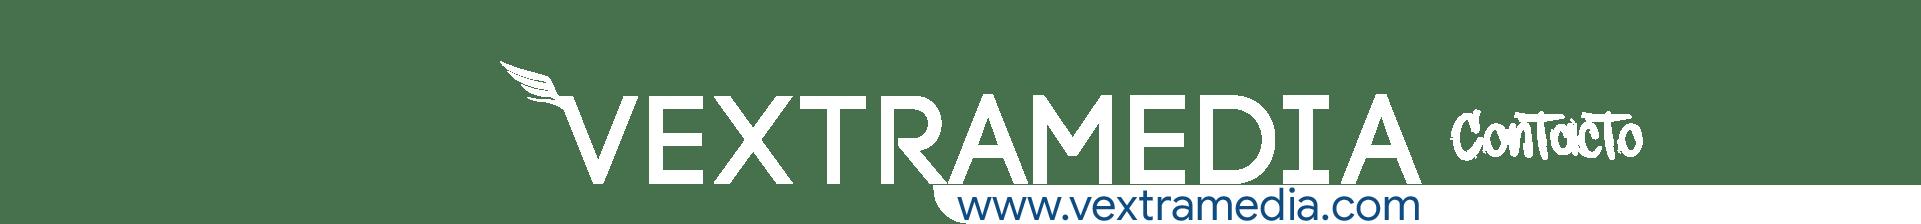 cabecera-contacto-vextramedia-